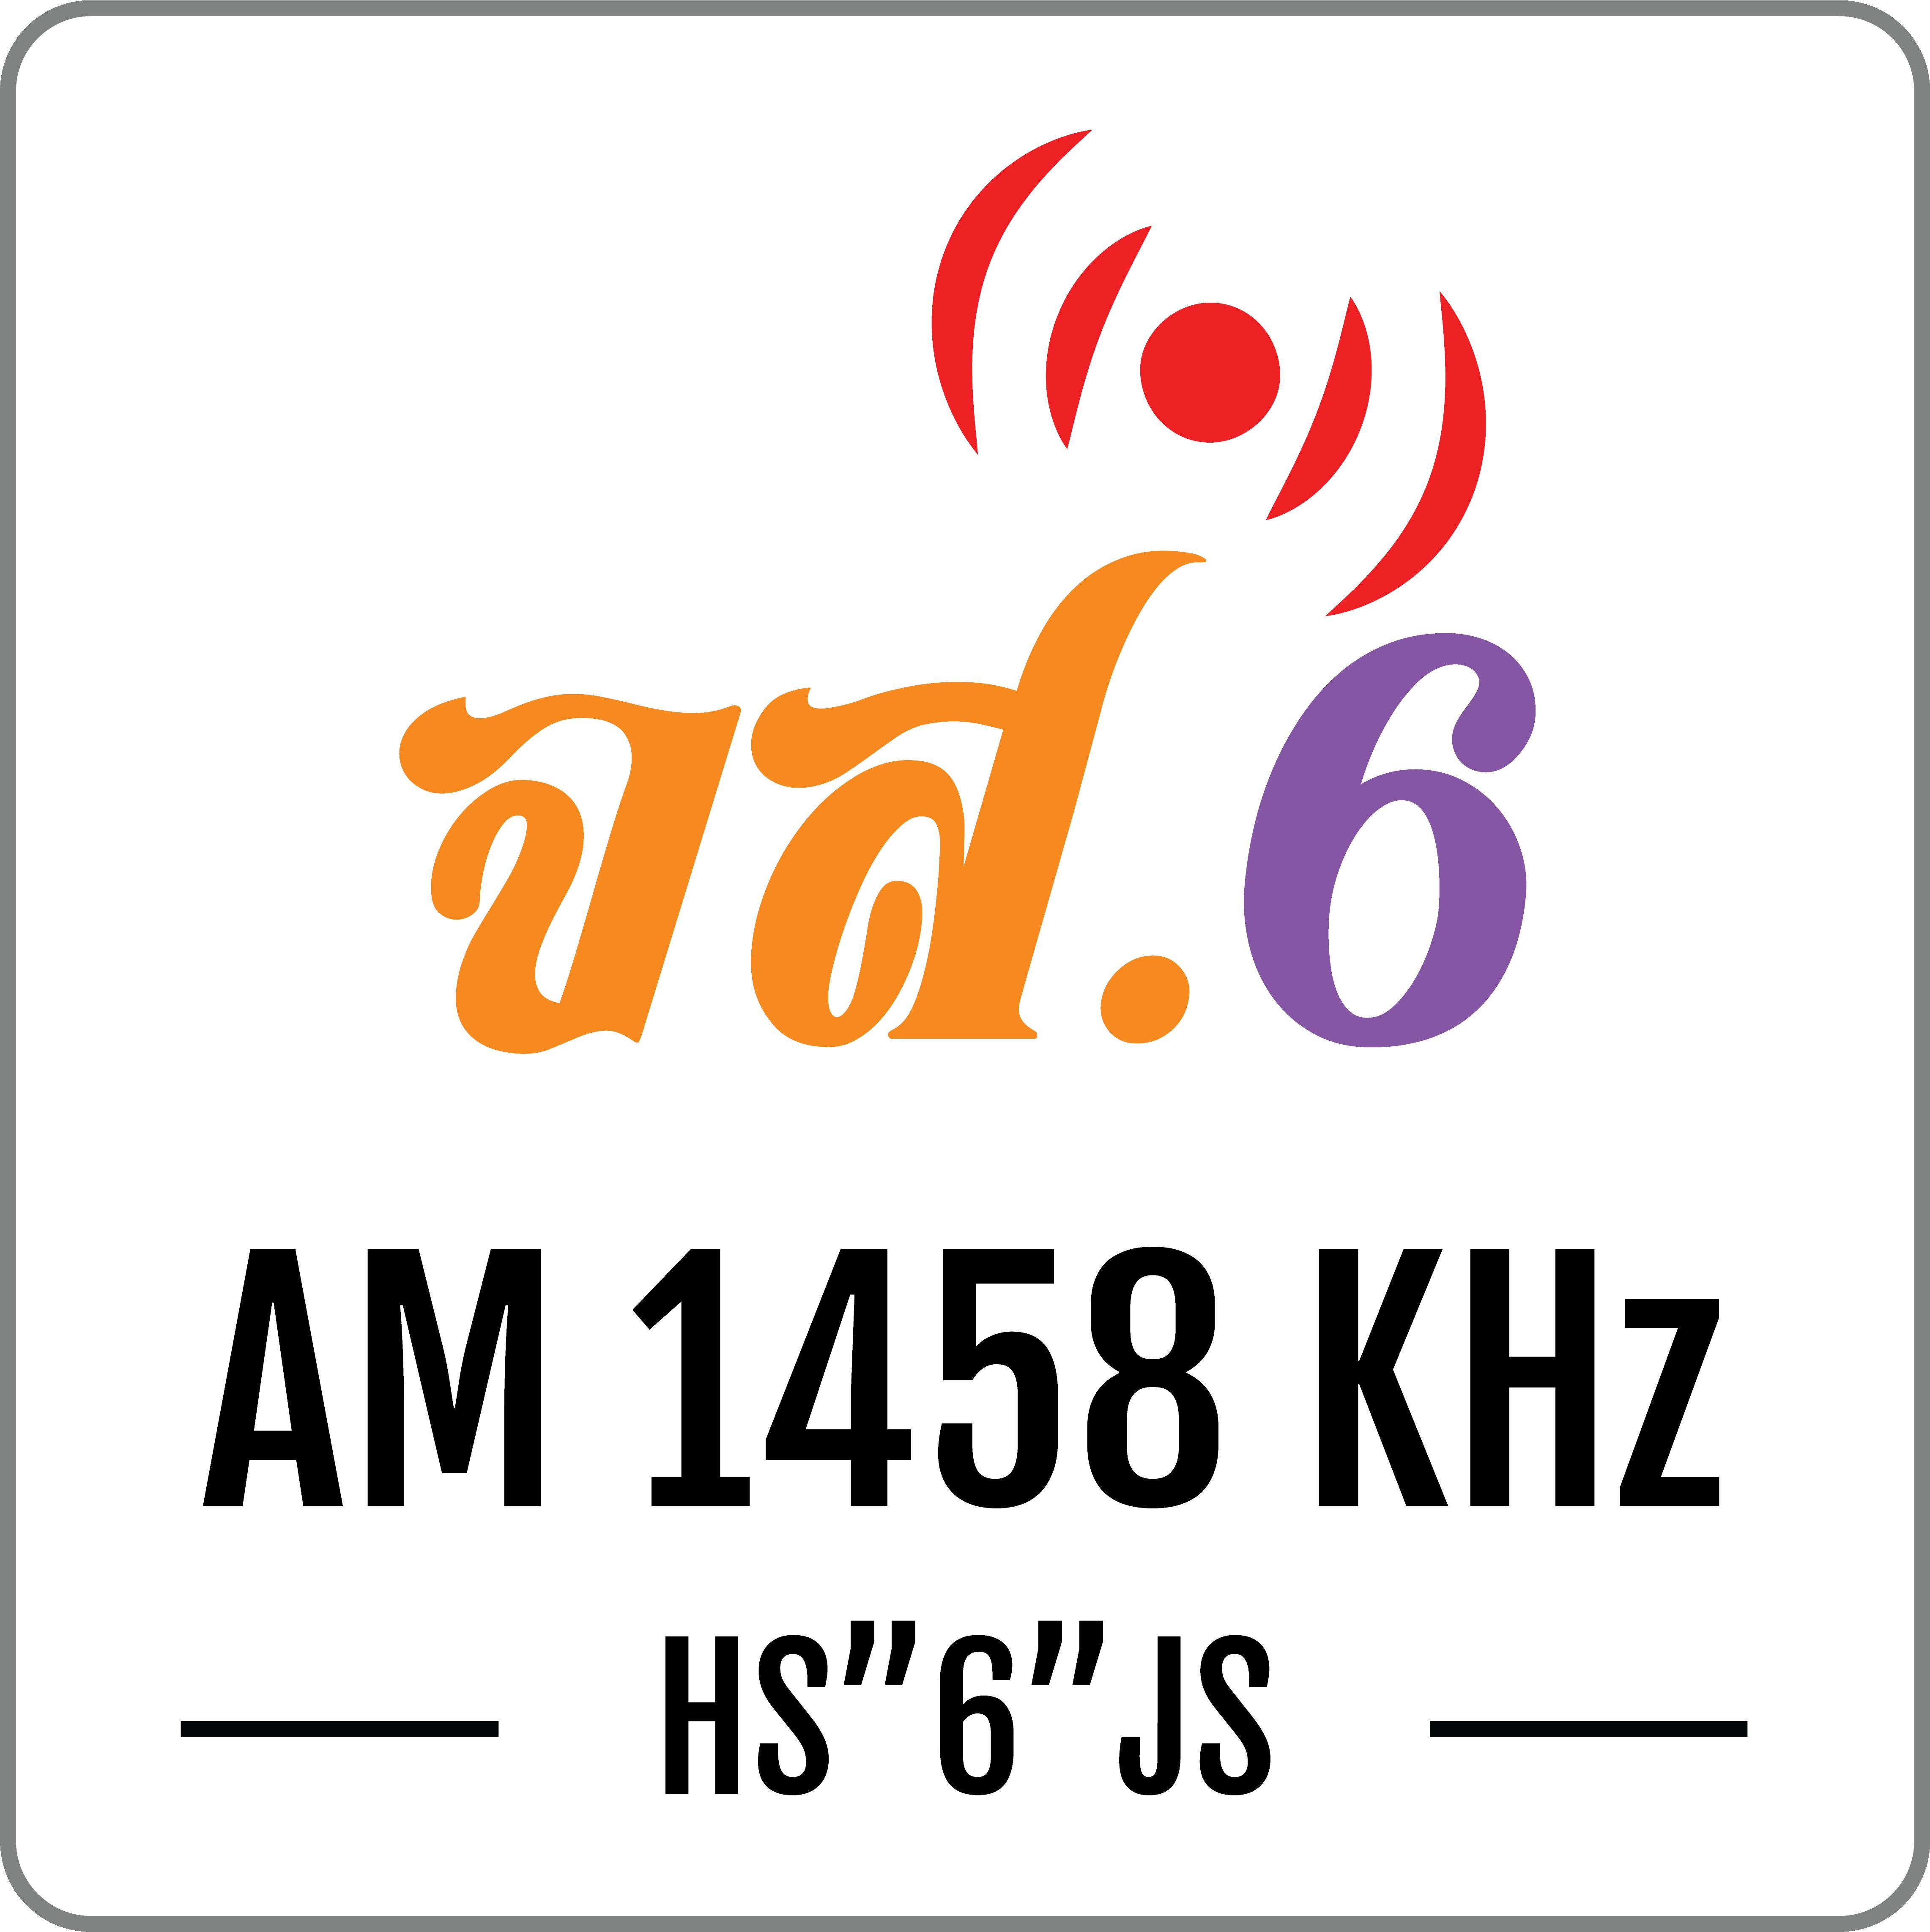 สถานีวิทยุจเรทหารสื่อสาร 6 AM ศรีสะเกษ